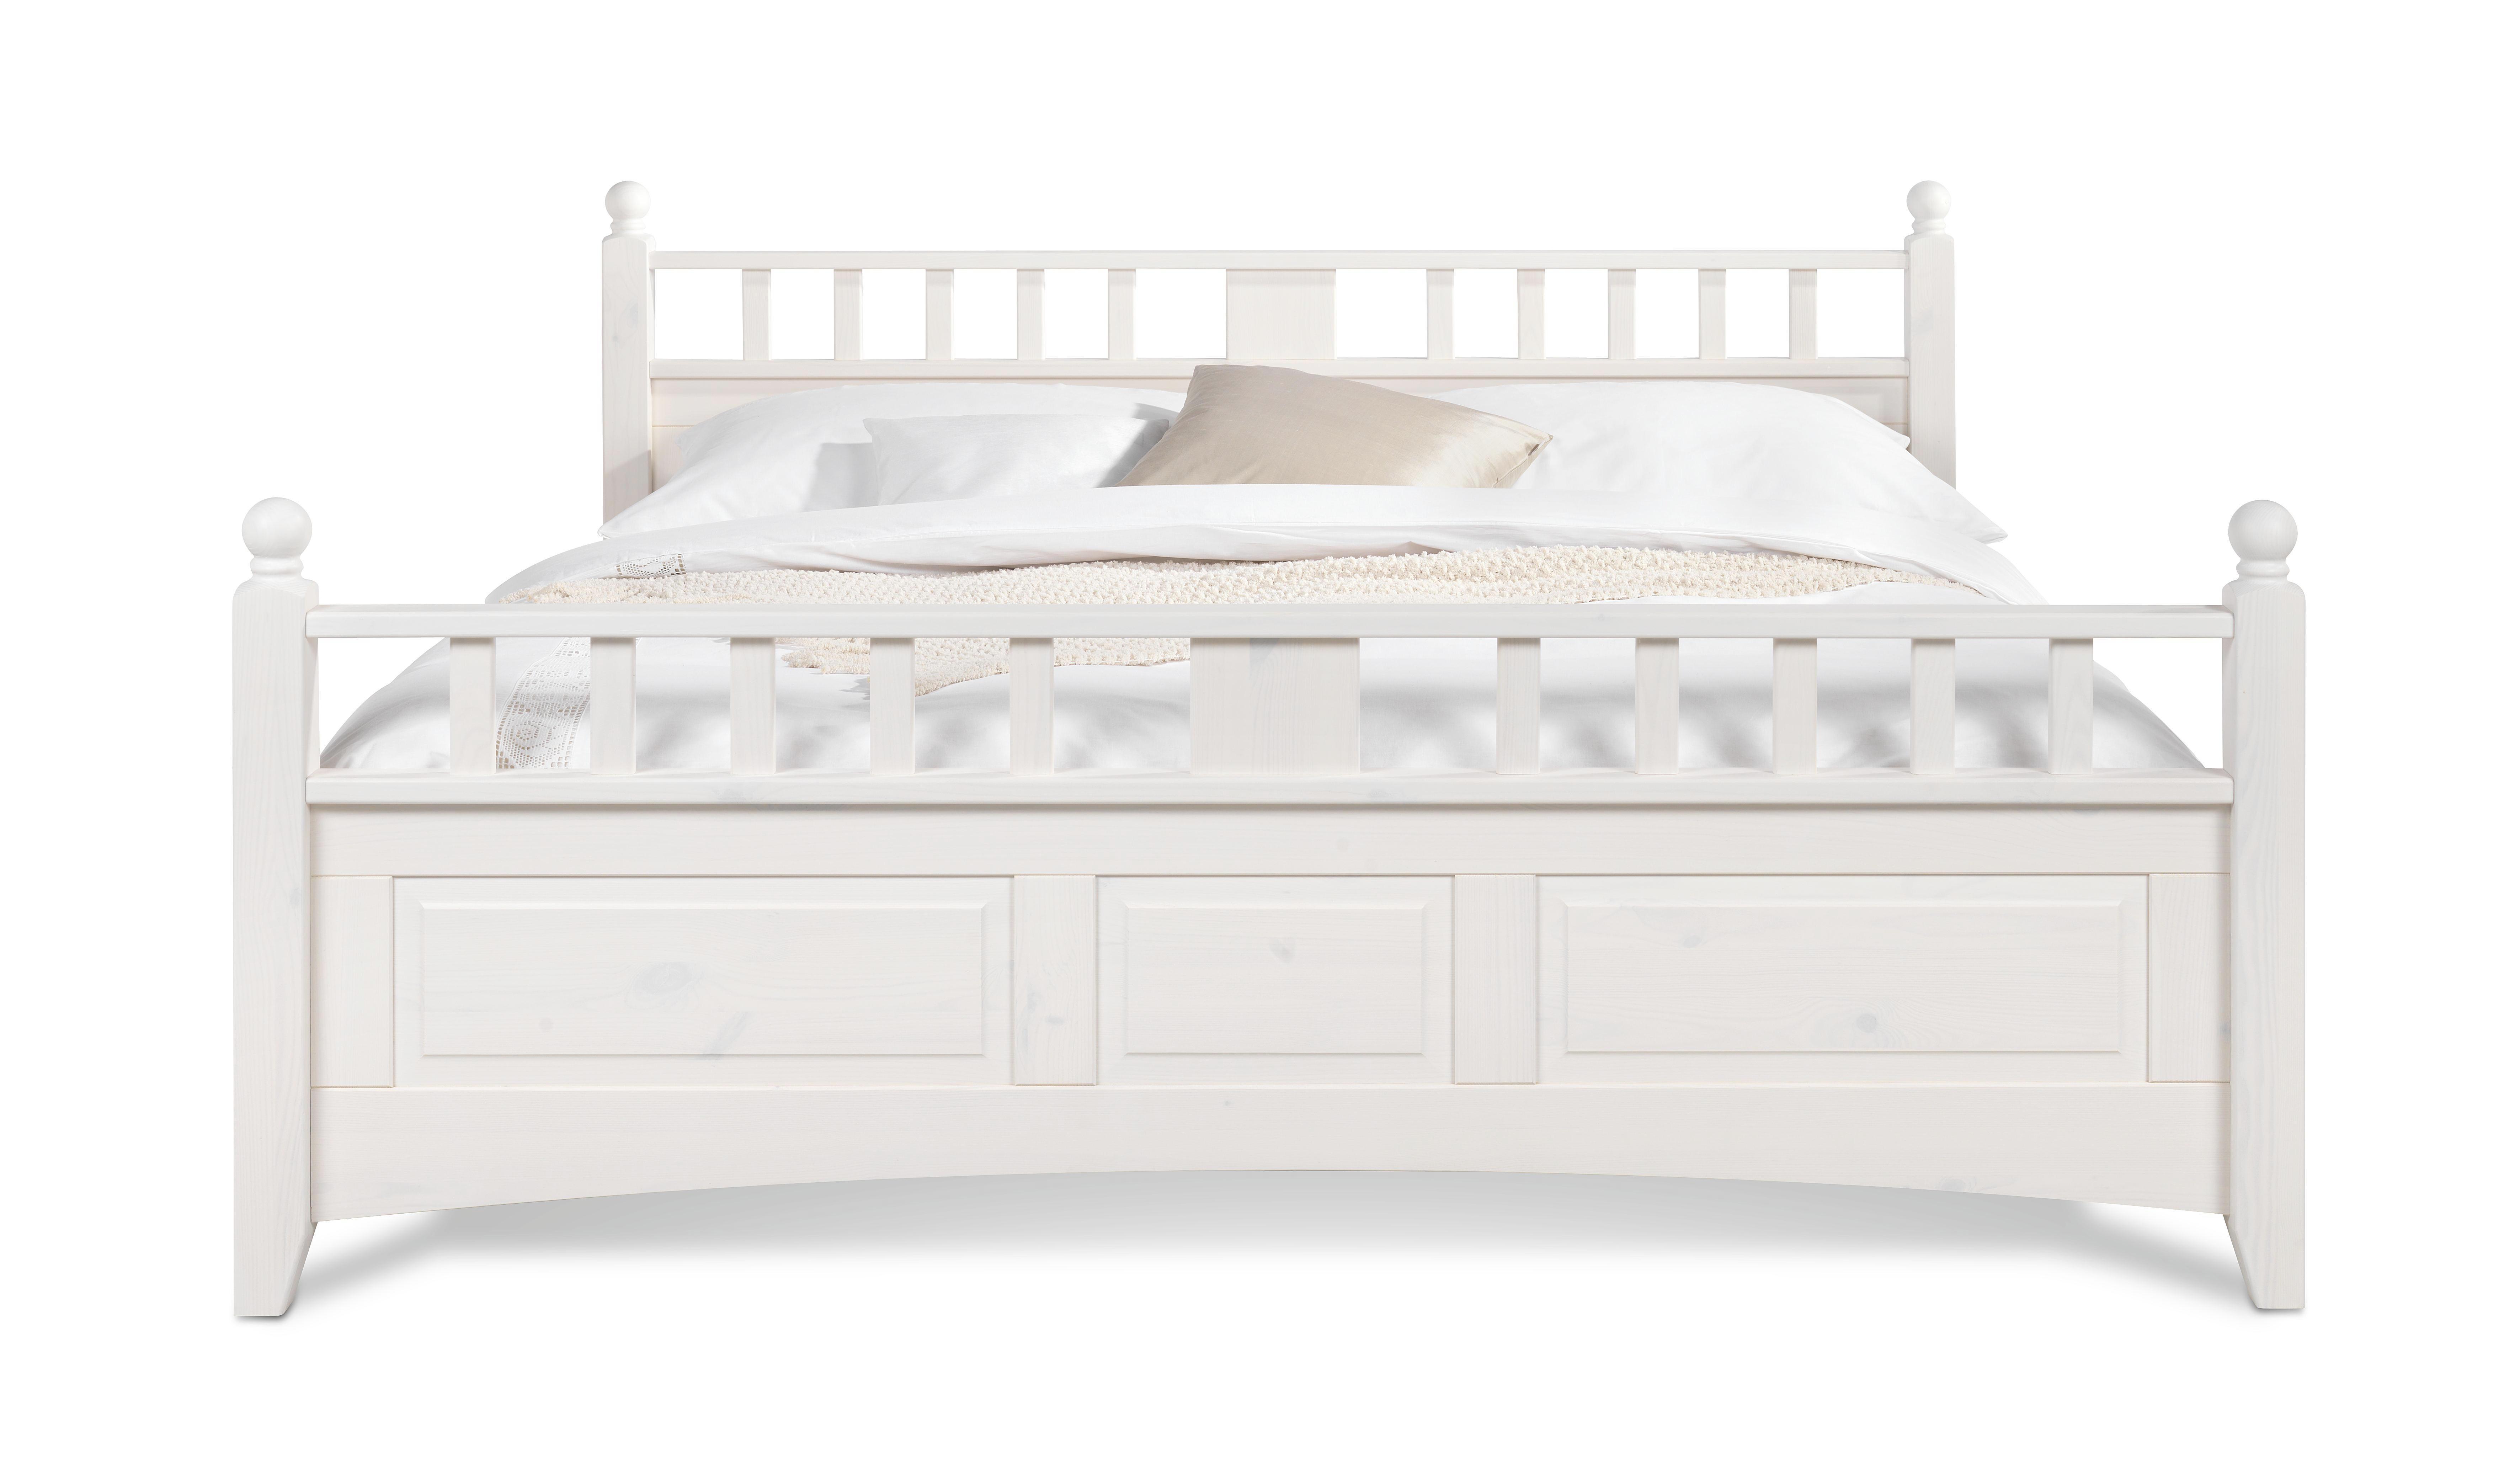 BETT 180 cm   x 200 cm   in Holz Weiß - Weiß, LIFESTYLE, Holz (180/200cm) - LANDSCAPE